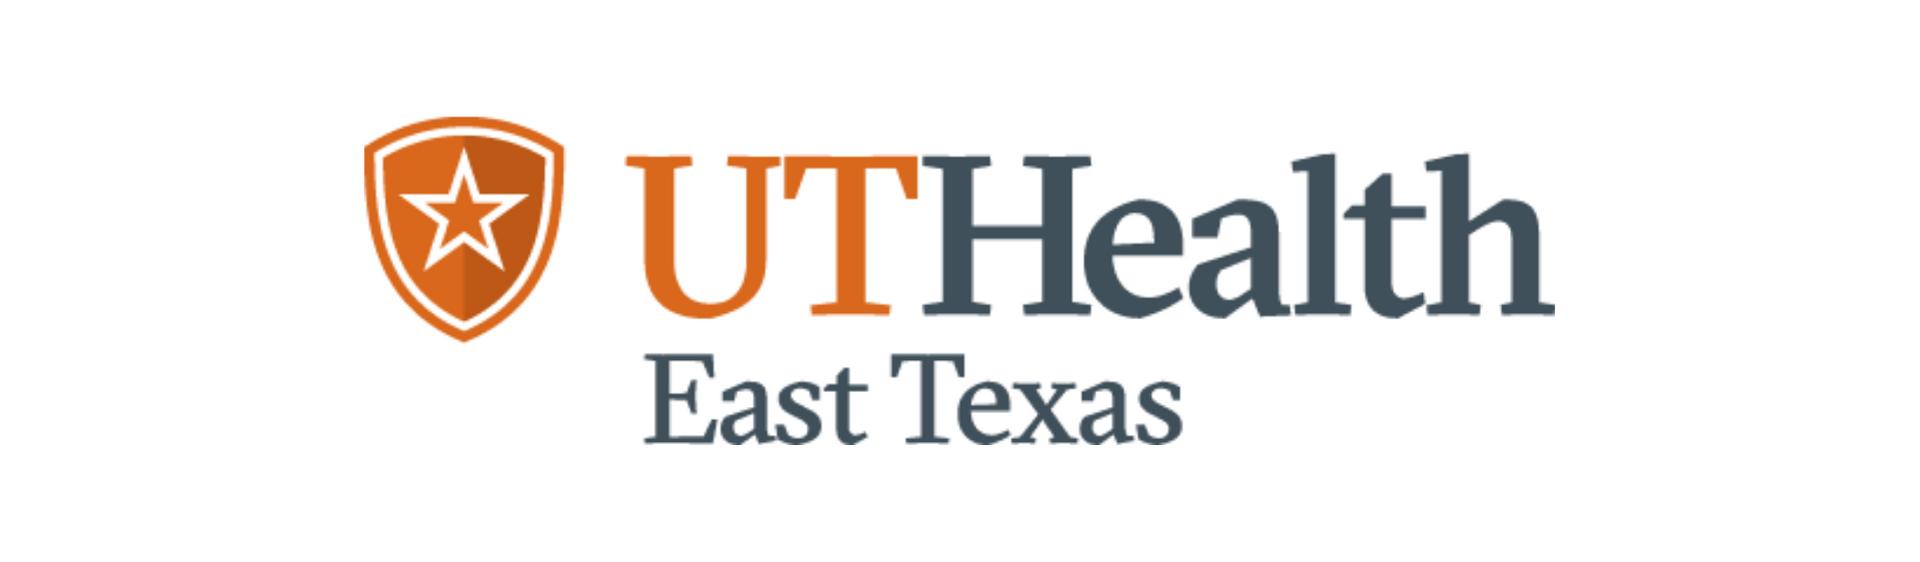 UT Health East Texas Sponsor Logo